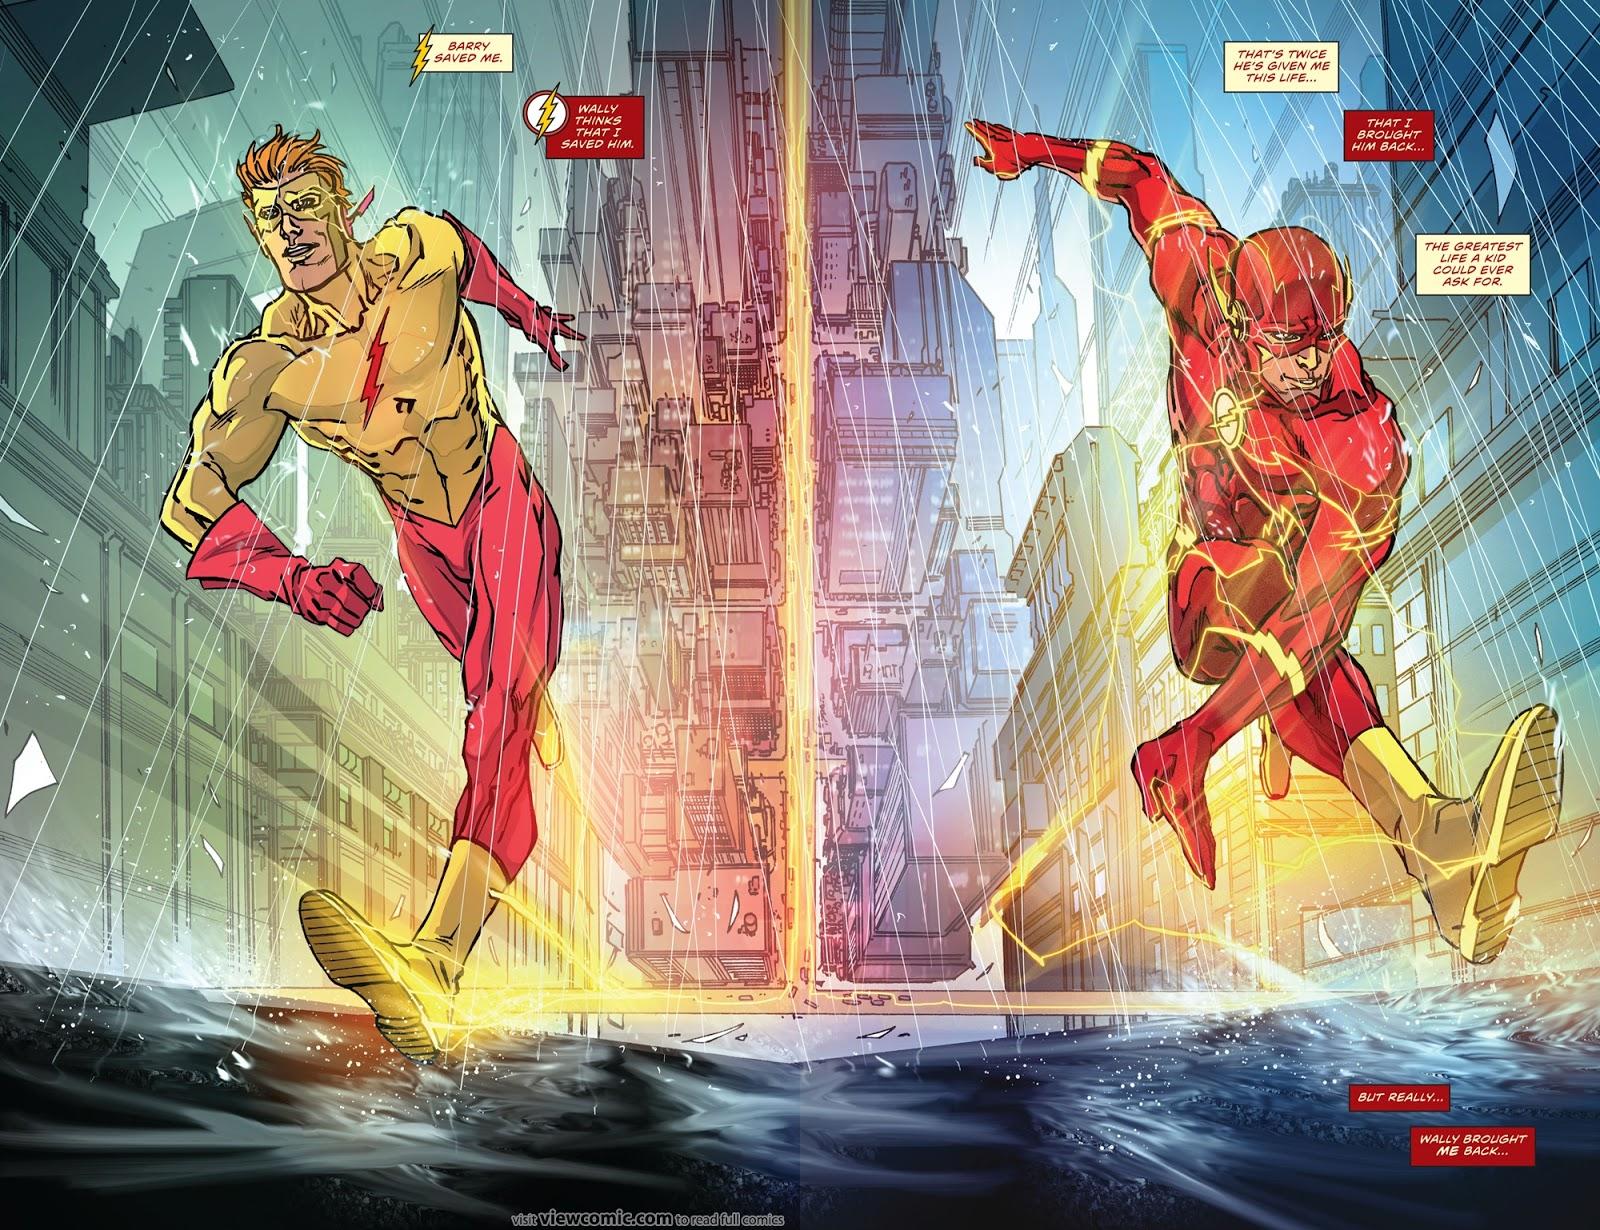 Les comics que vous lisez en ce moment - Page 2 37_17